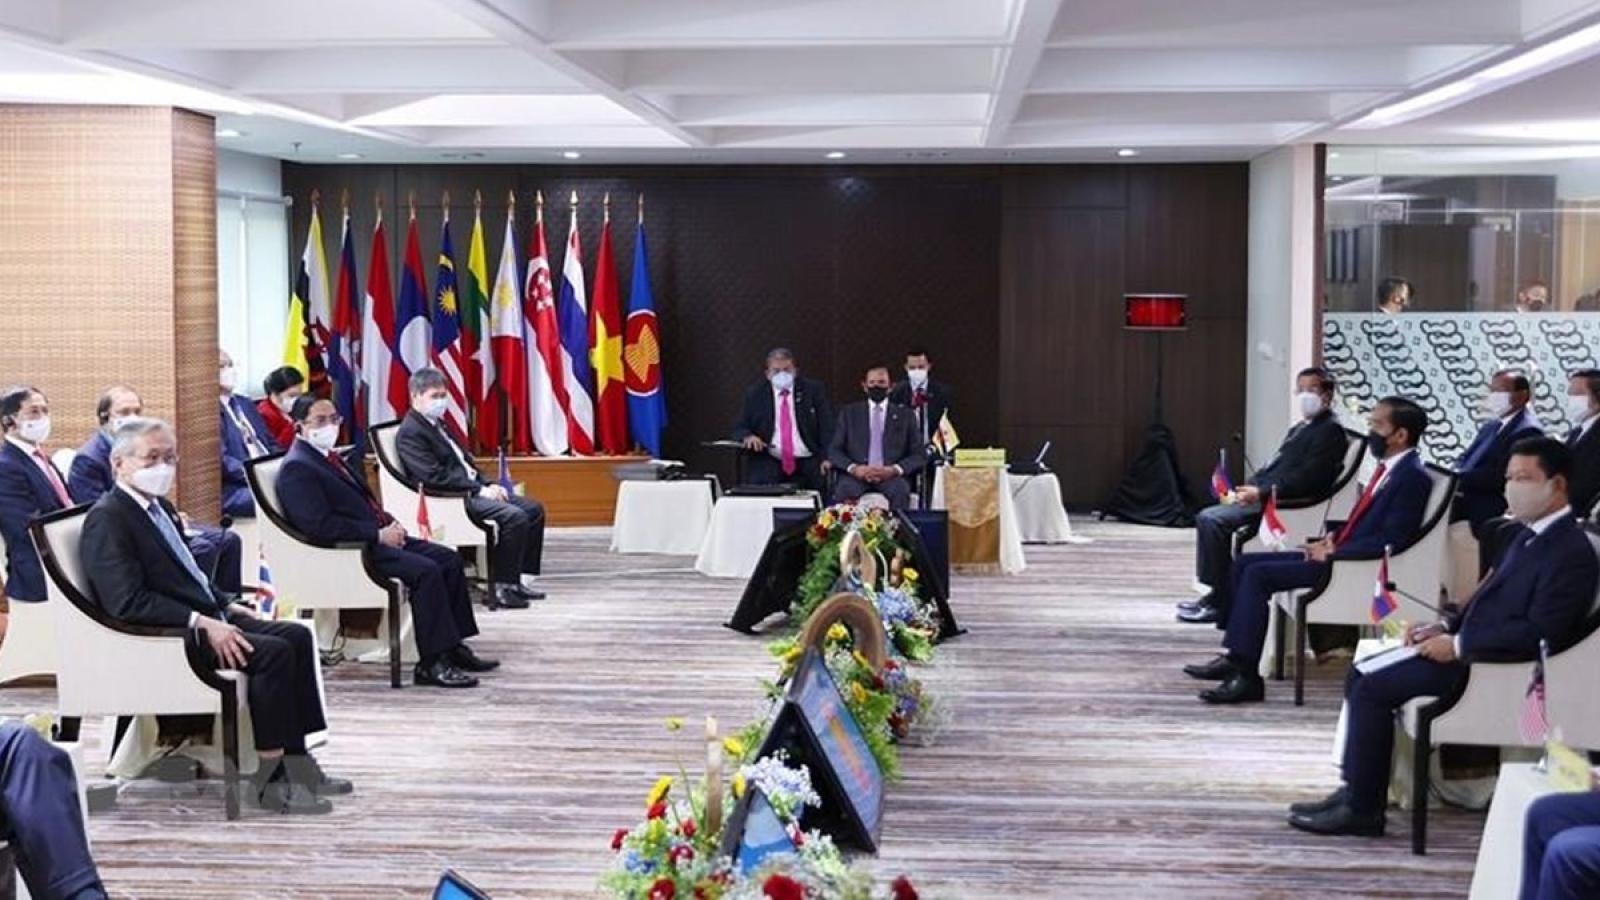 Thông điệp Thủ tướng Việt Nam mang đến Hội nghị các nhà lãnh đạo ASEAN